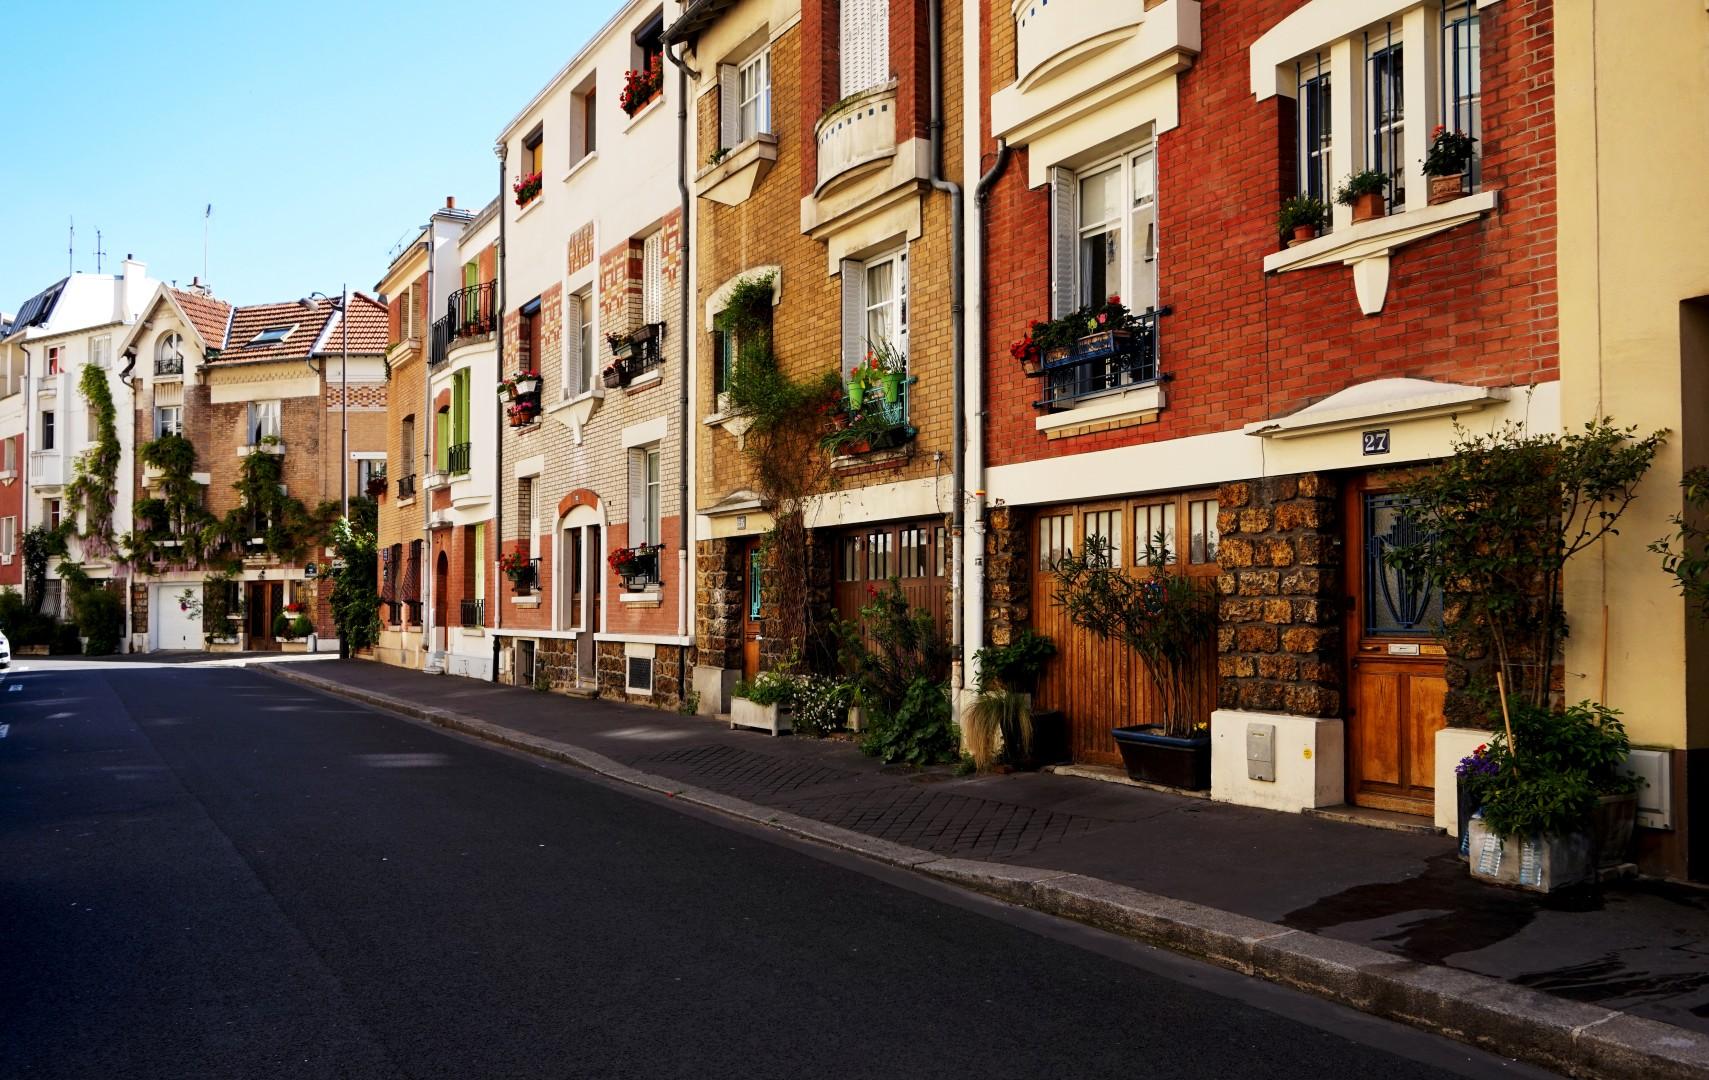 Balade autour de la Butte aux Cailles (Paris 13e) - Rue des Orchidées